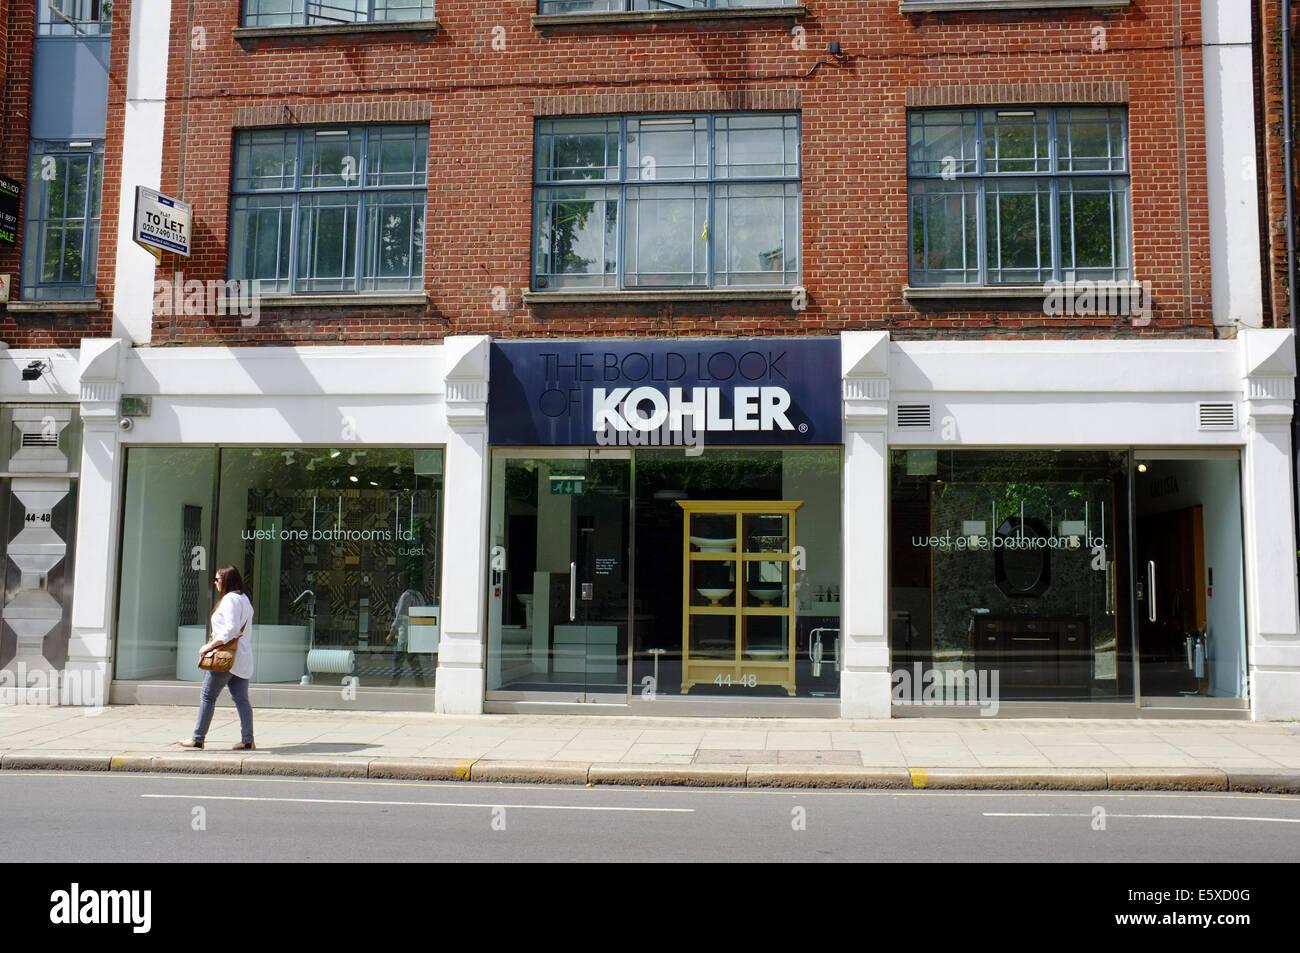 Salle De Bain Optimisee ~ Kohler Photos Kohler Images Alamy